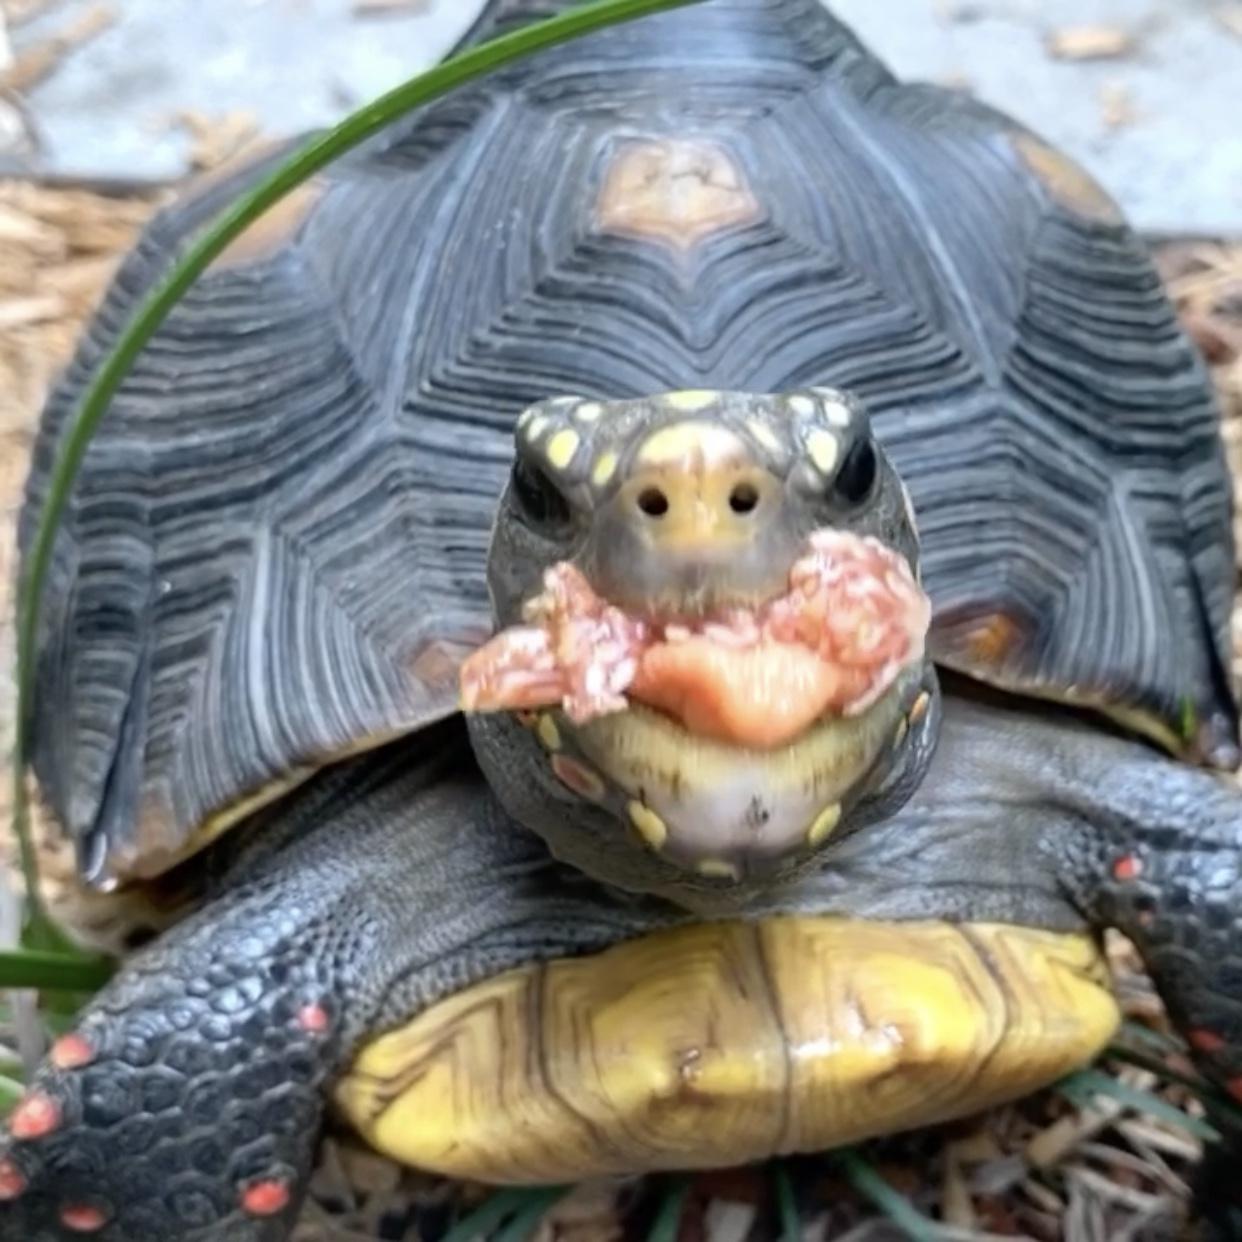 redfoot tortoise eats fig